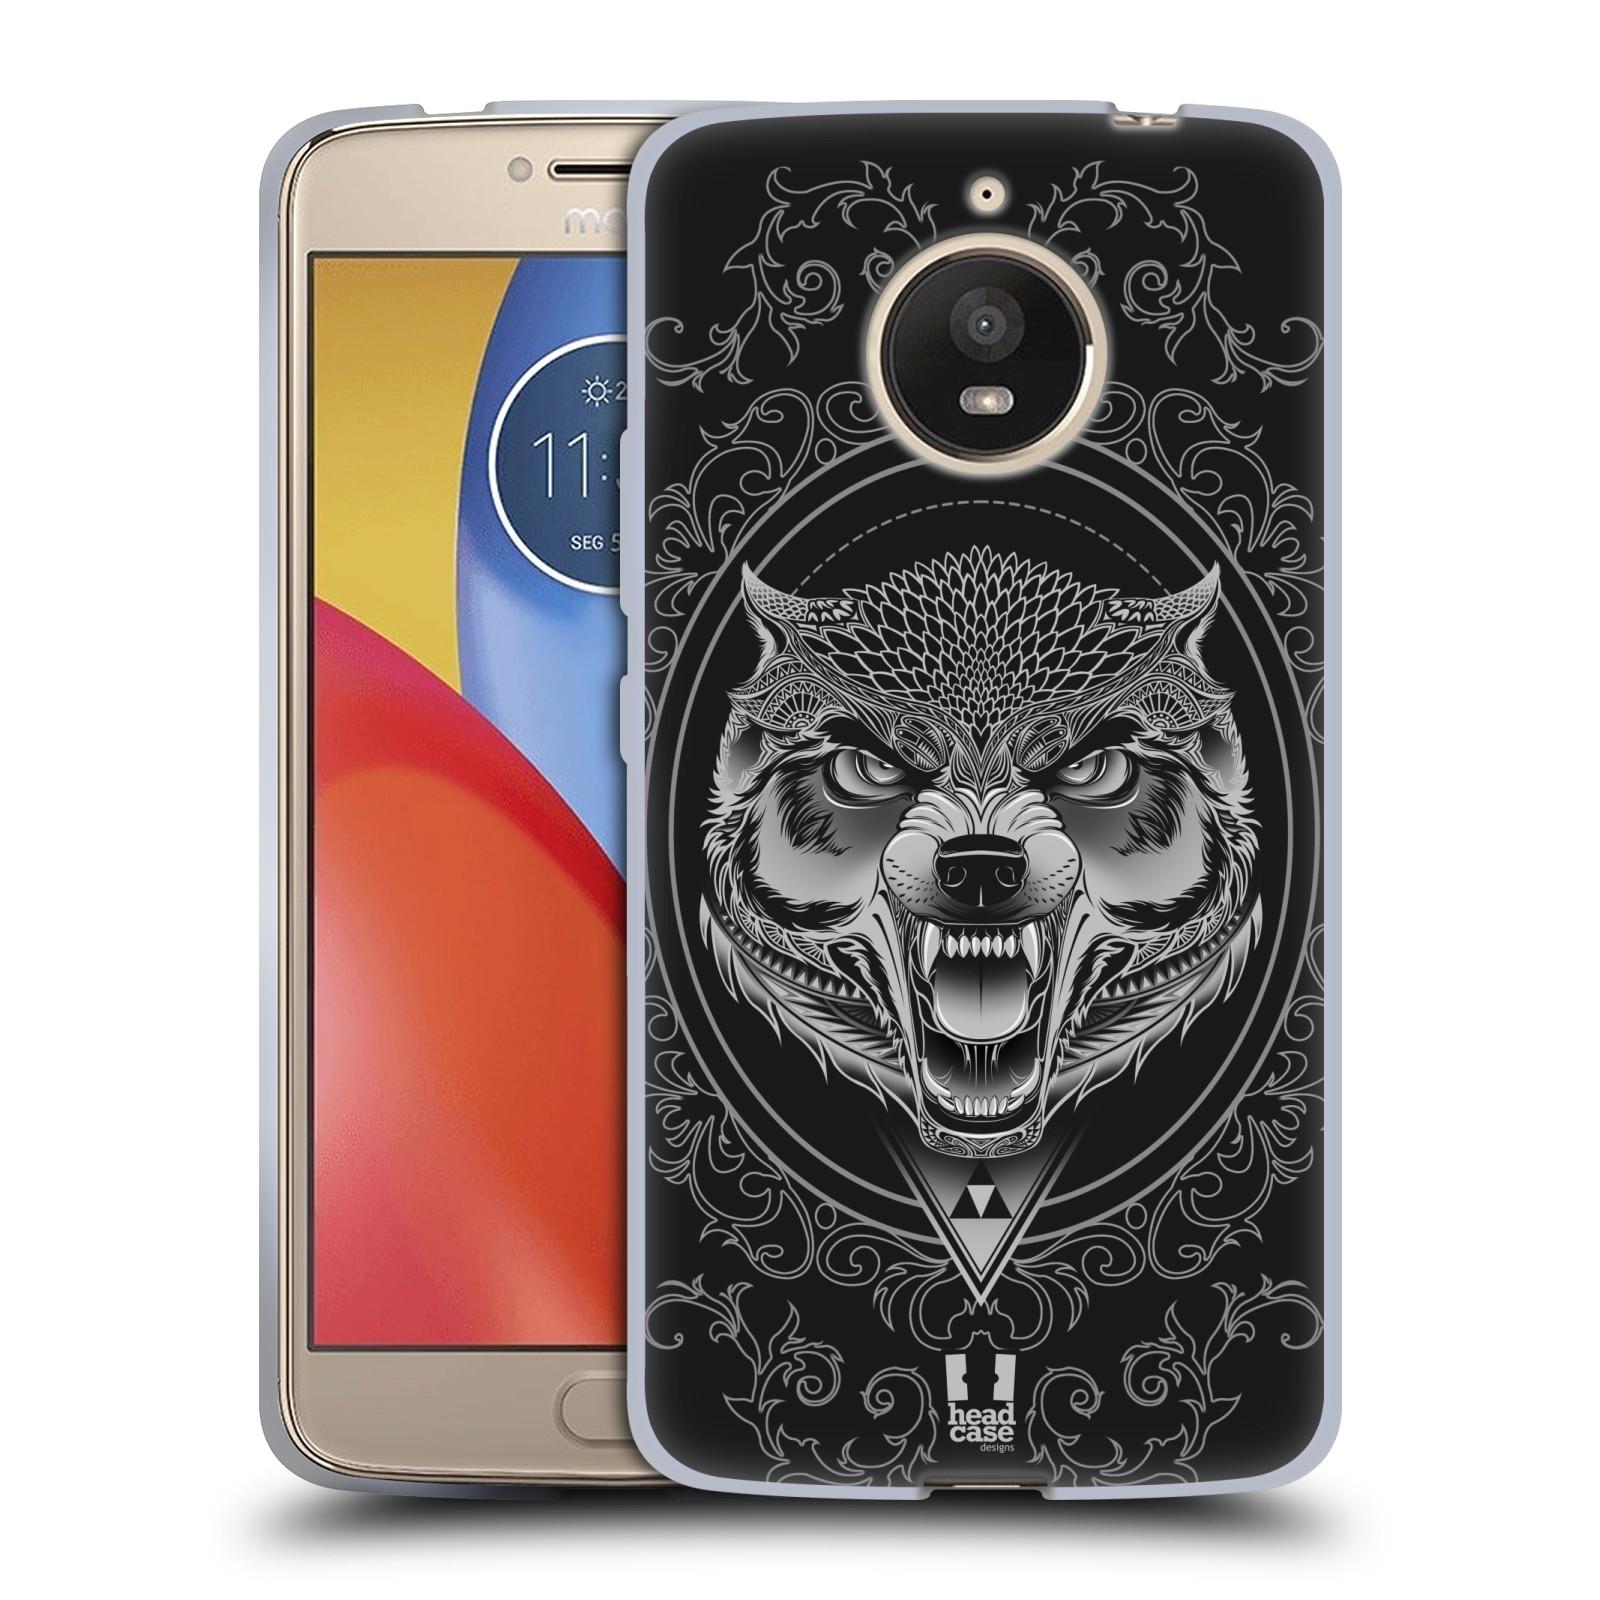 Silikonové pouzdro na mobil Lenovo Moto E4 Plus - Head Case - Krutý vlk (Silikonový kryt či obal na mobilní telefon Lenovo Moto E4 Plus s motivem Krutý vlk)